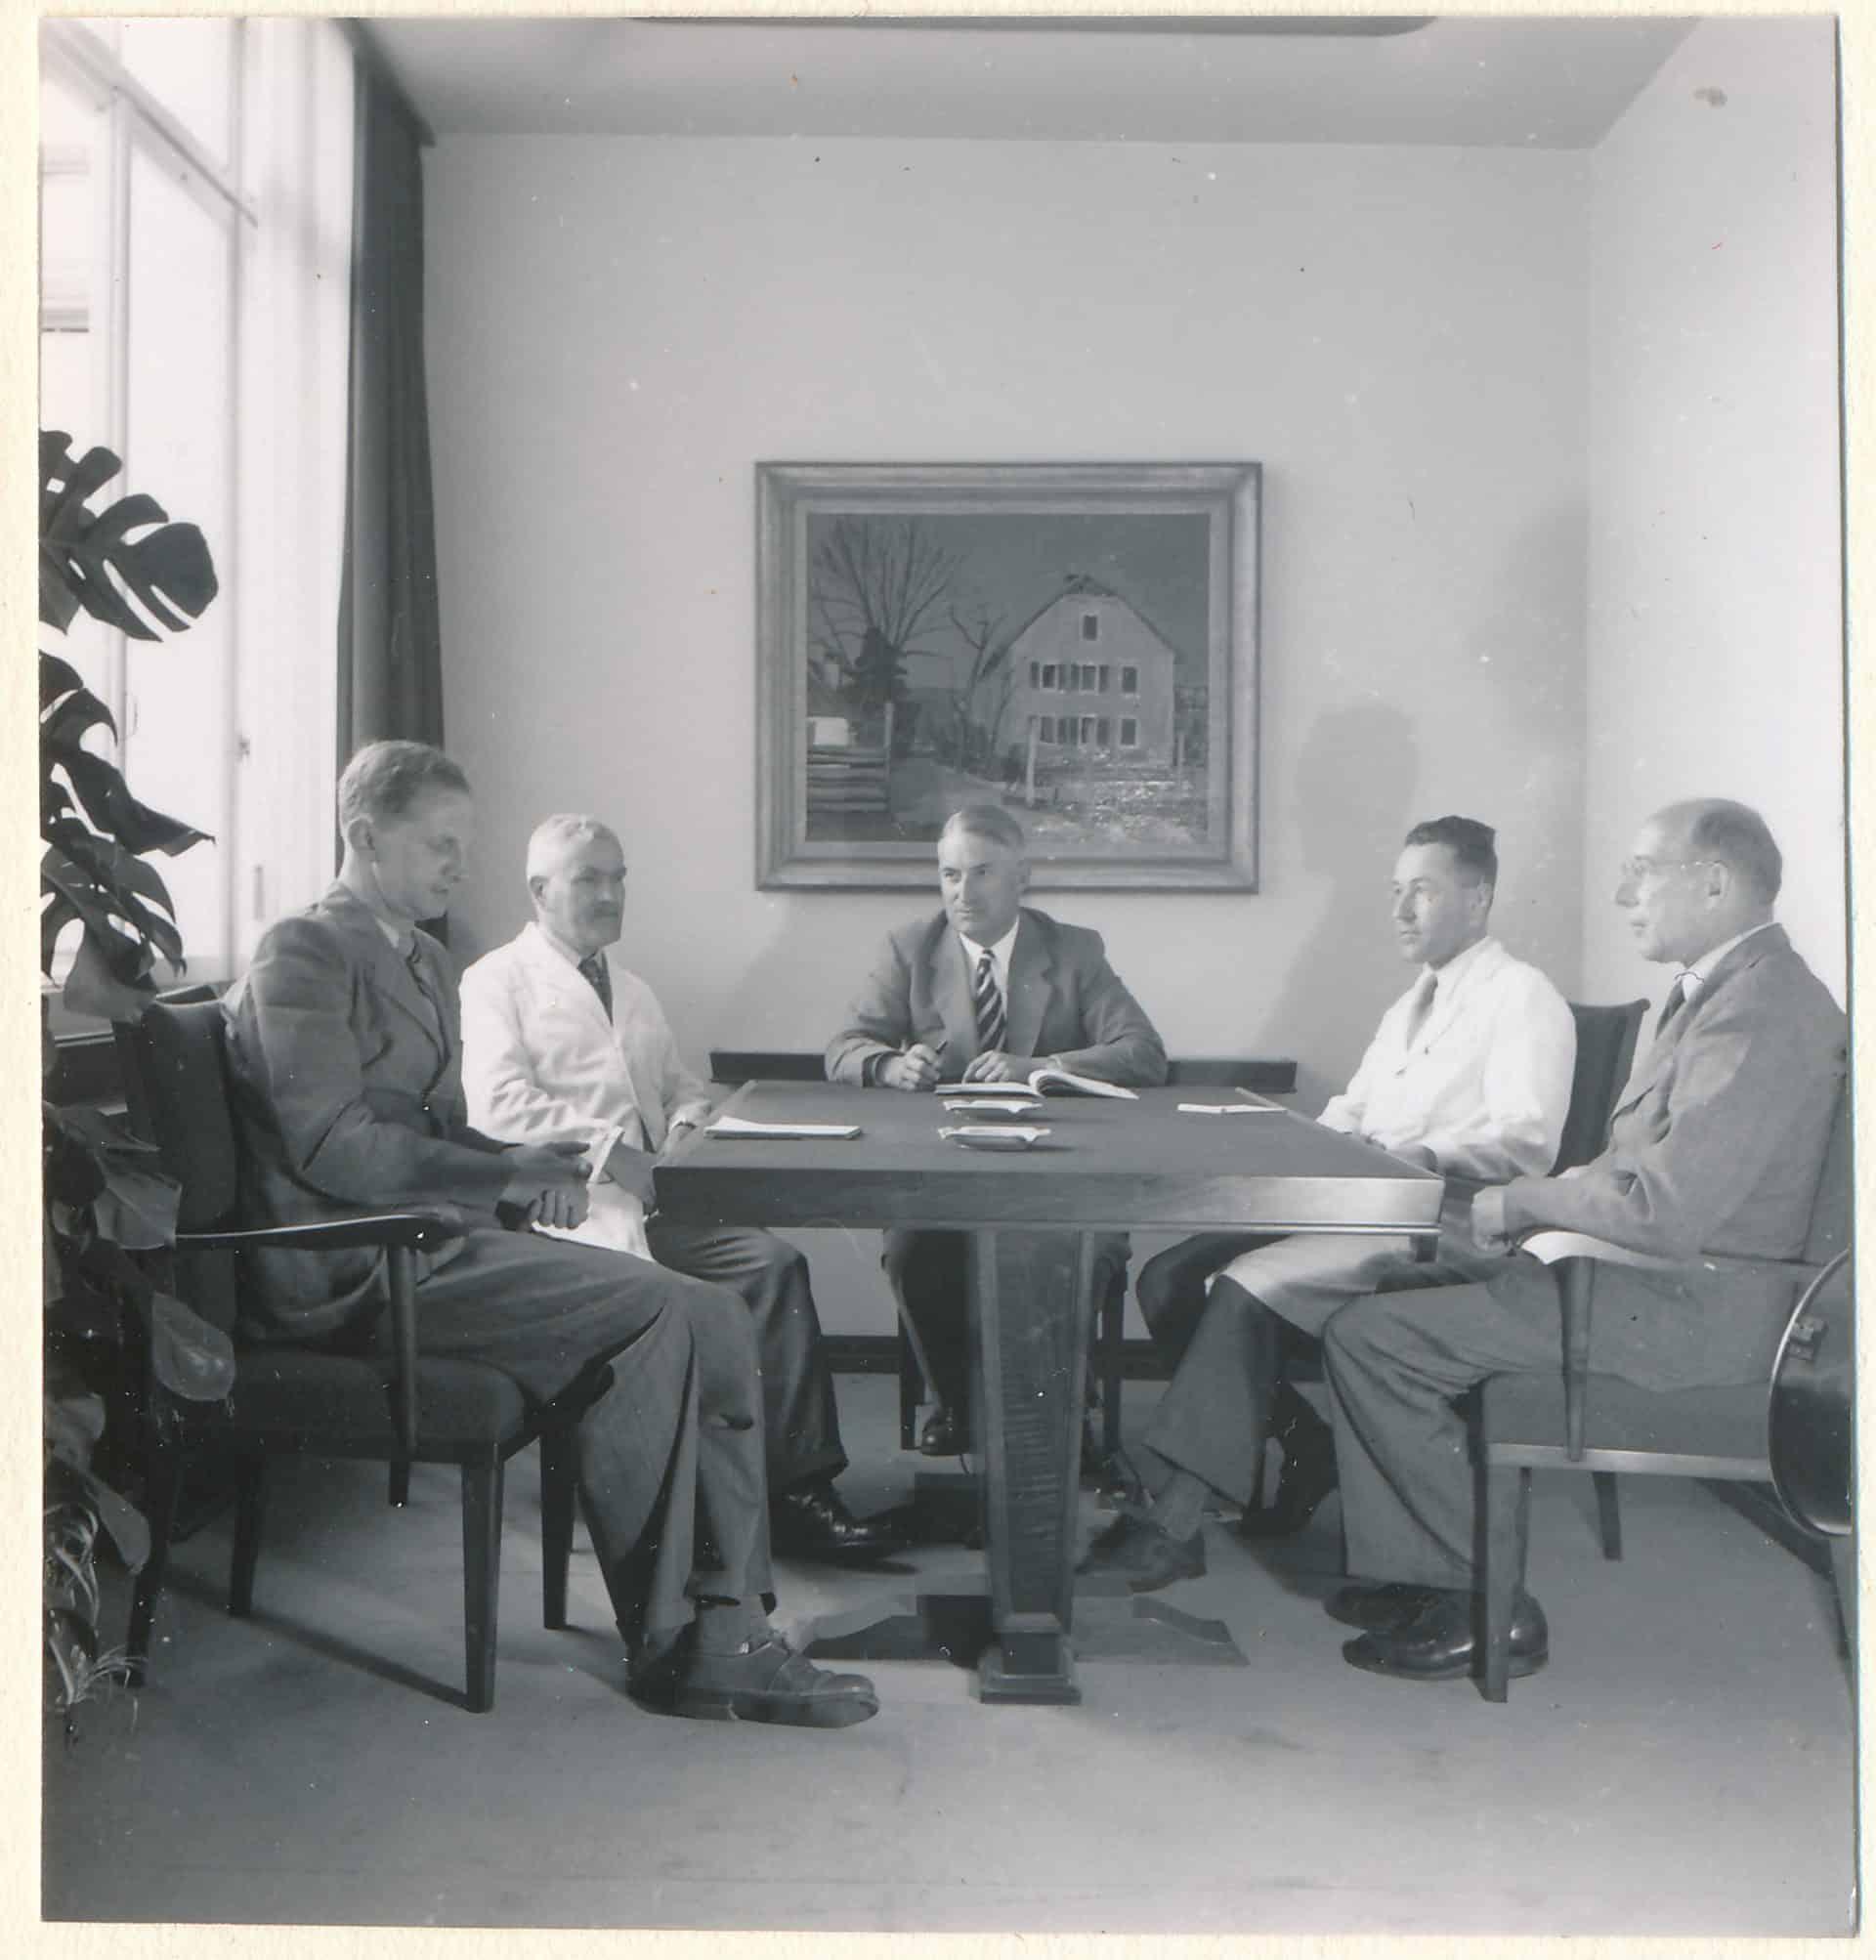 Dr. Rudolf Schild-Comtesse (Mitte) und links daneben Heinrich Stamm bei einer Eterna Besprechung im Jahr 1955